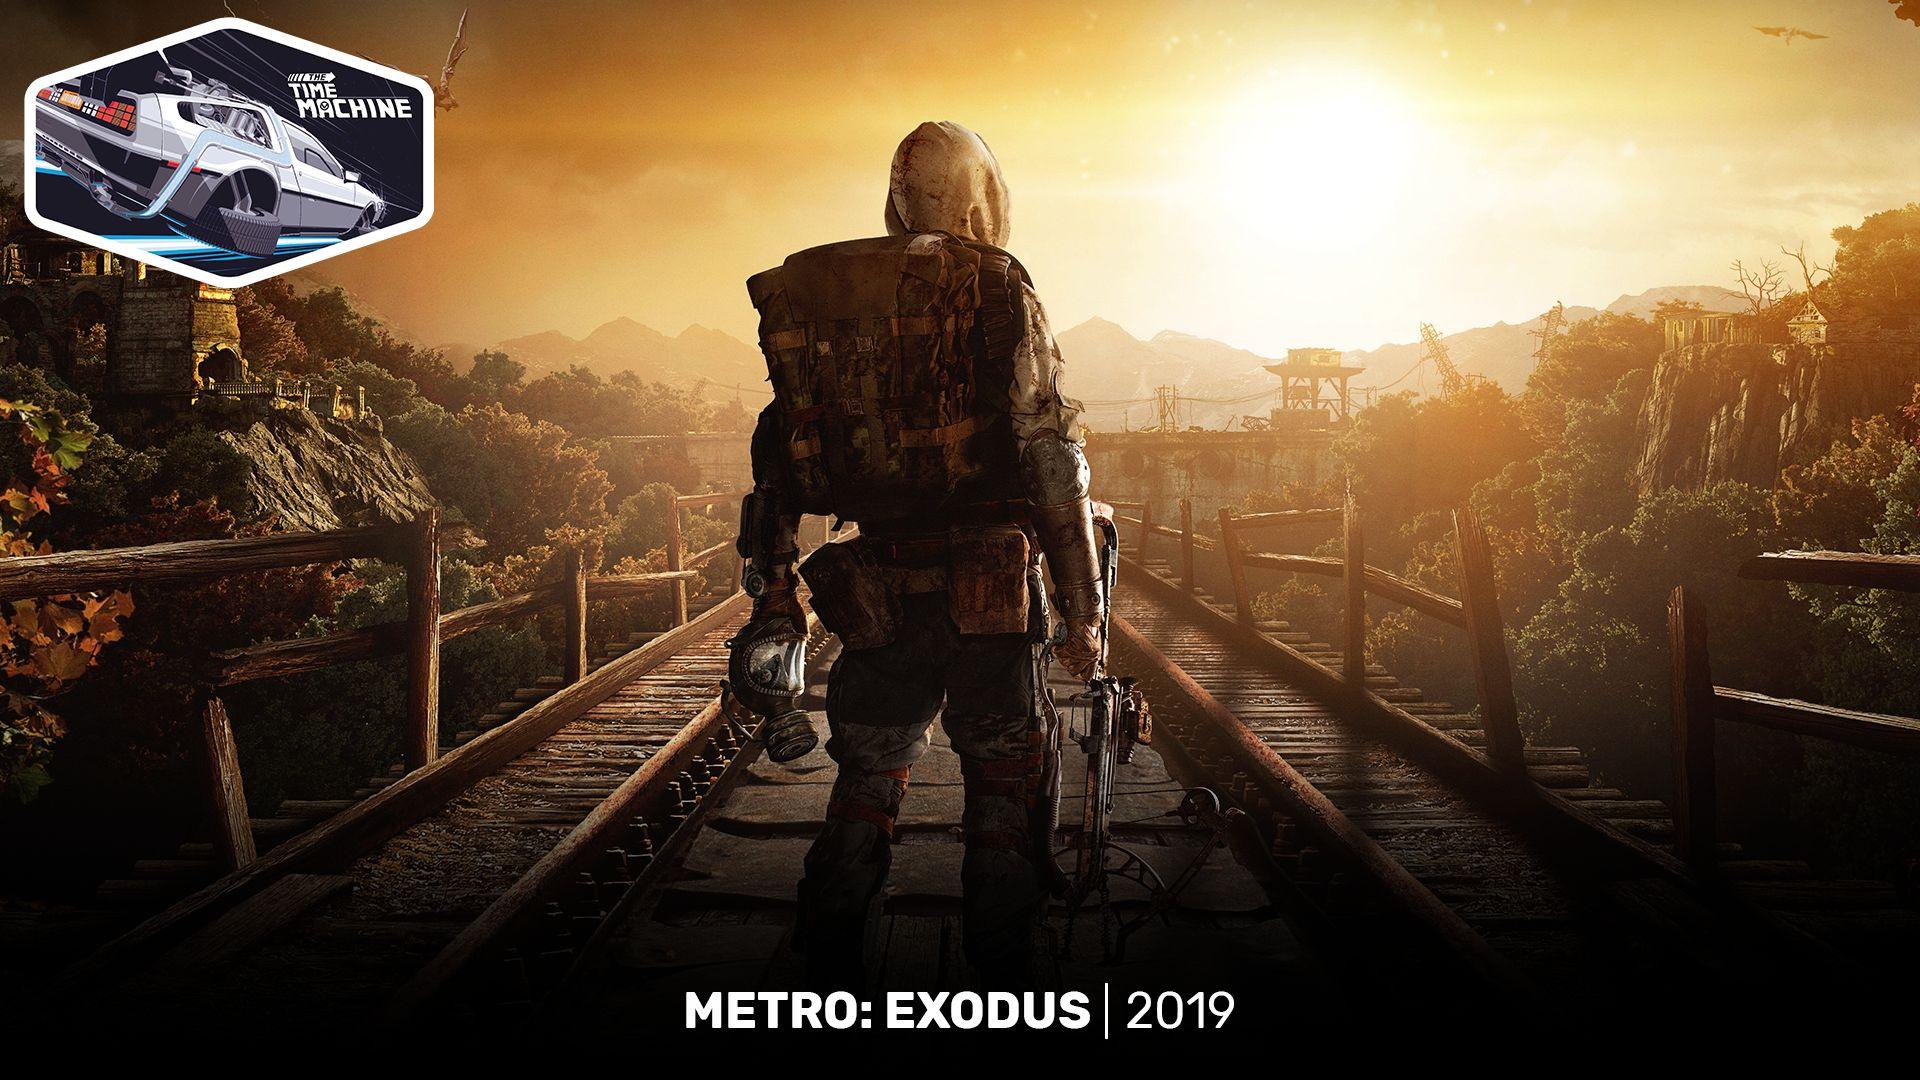 The Time Machine - La storia di Metro